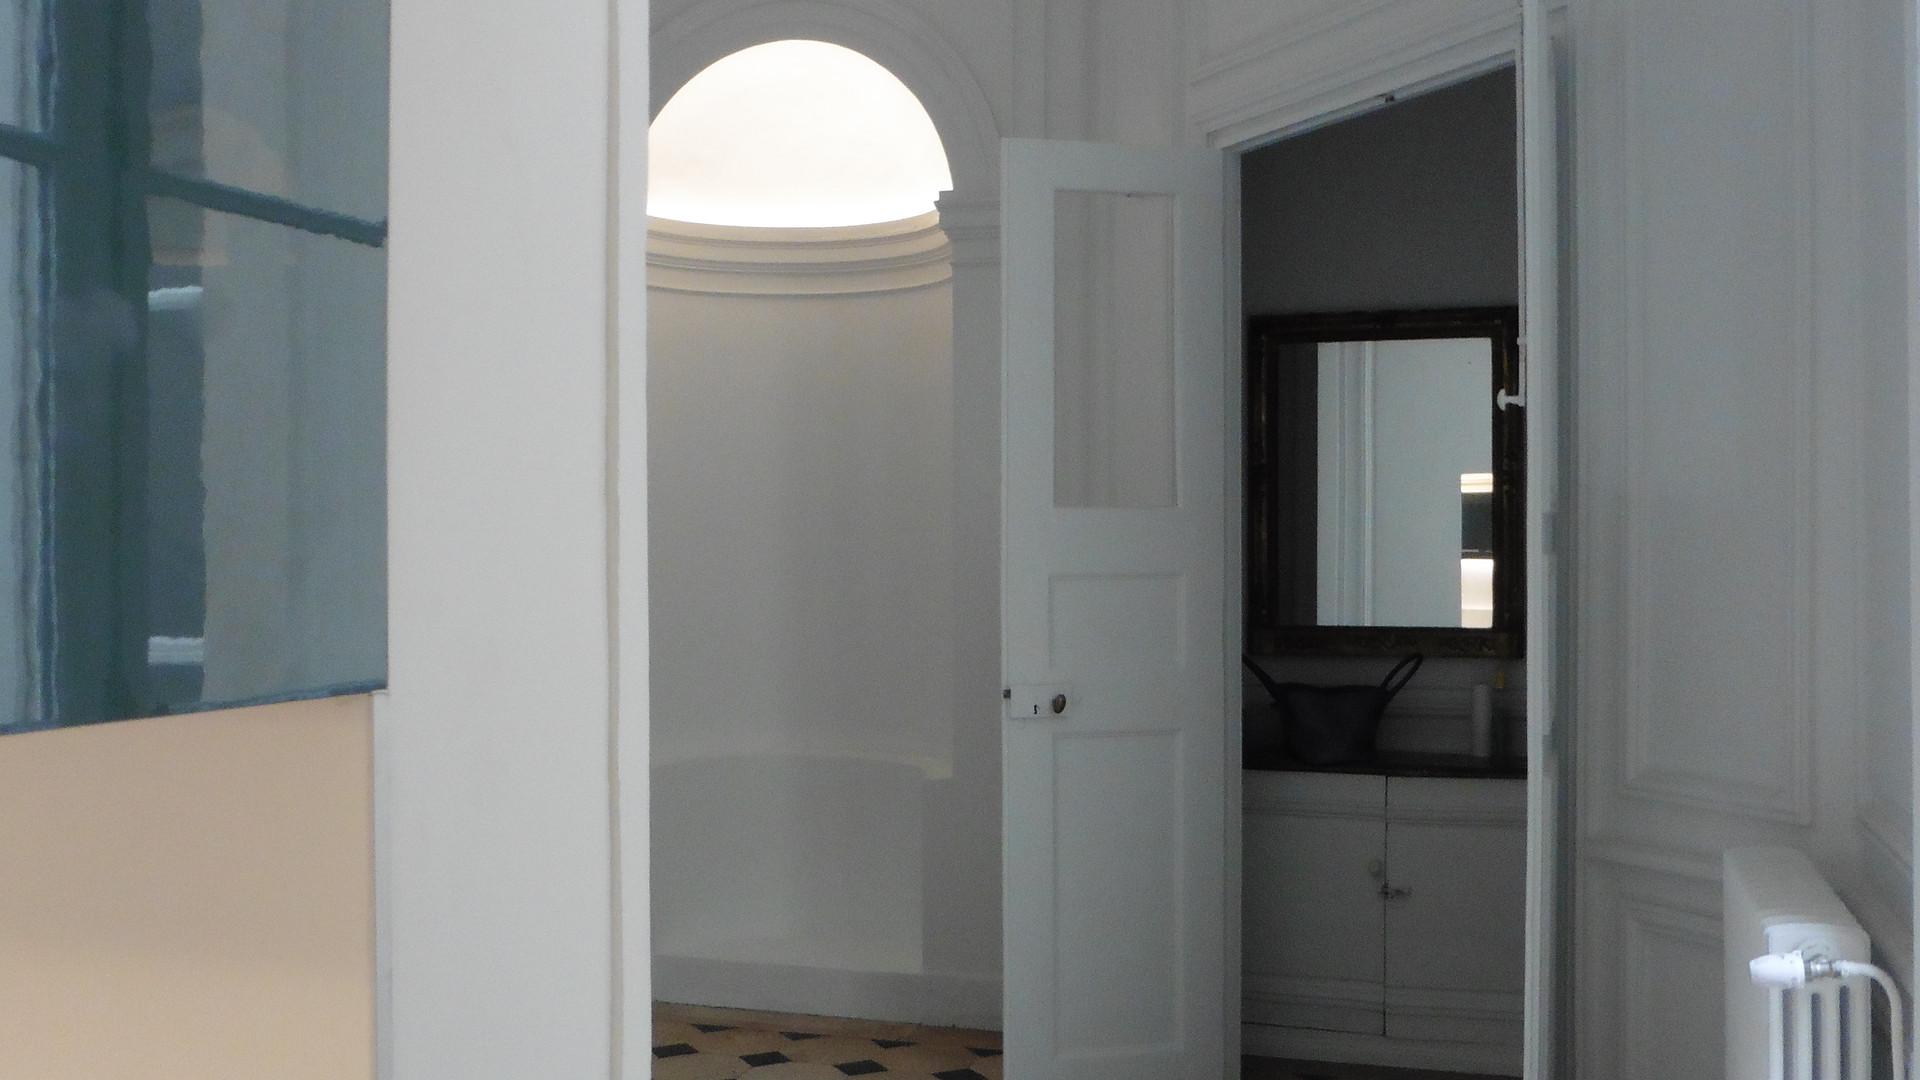 Depuis la porte réouverte , on voit l'entrée